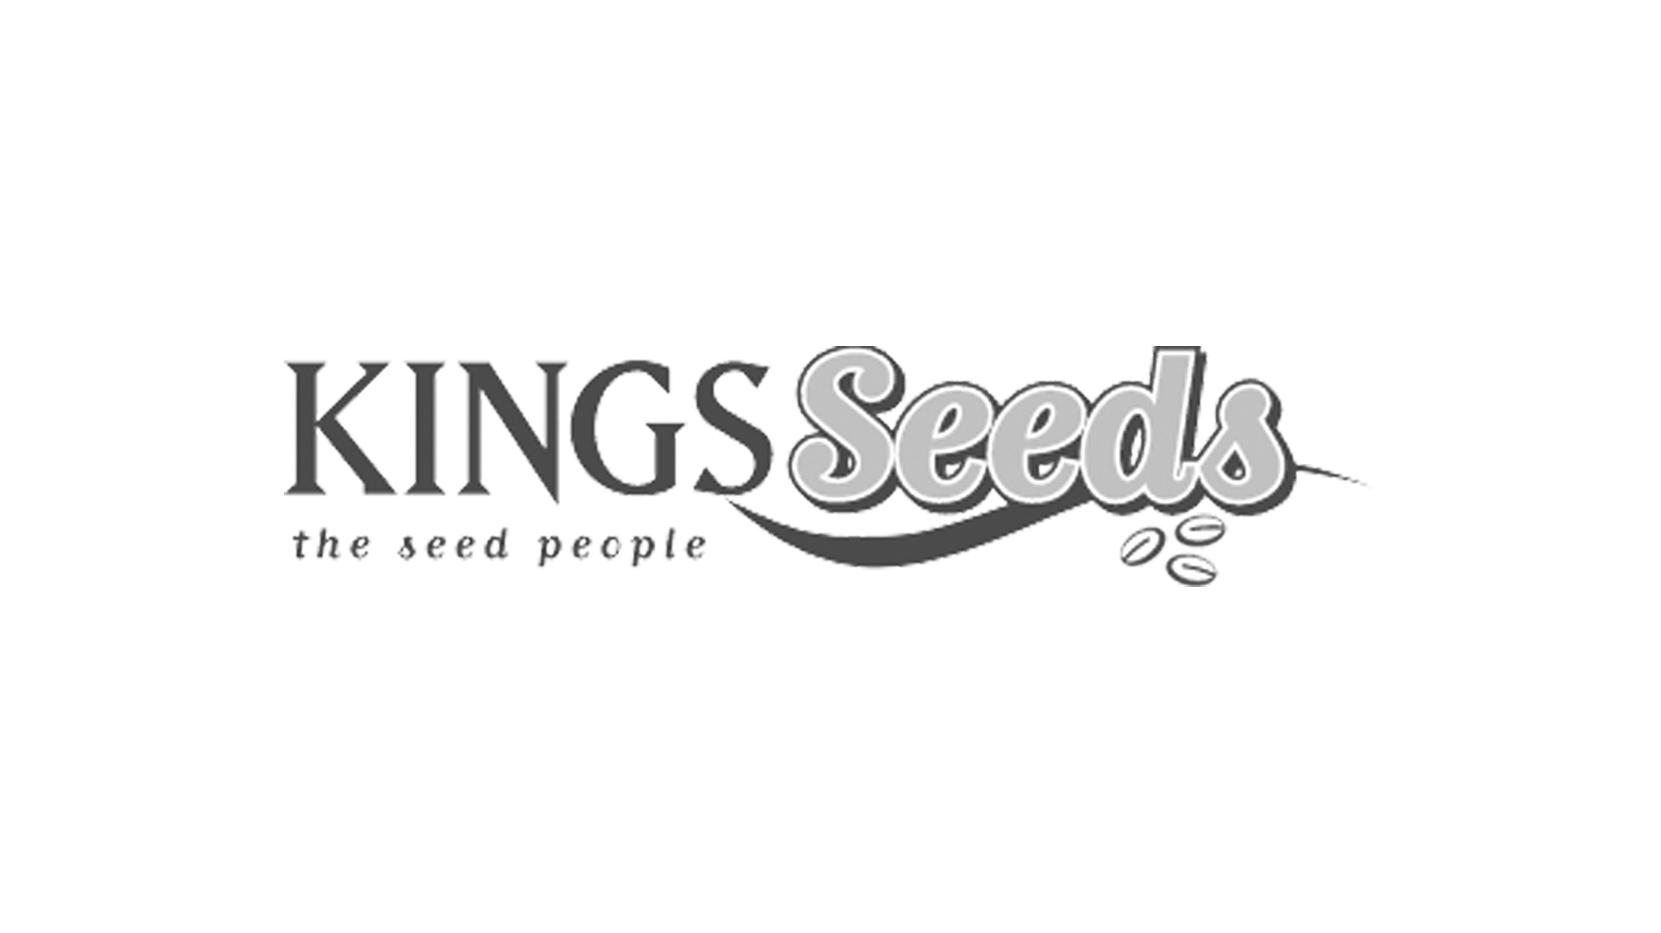 kingsseeds